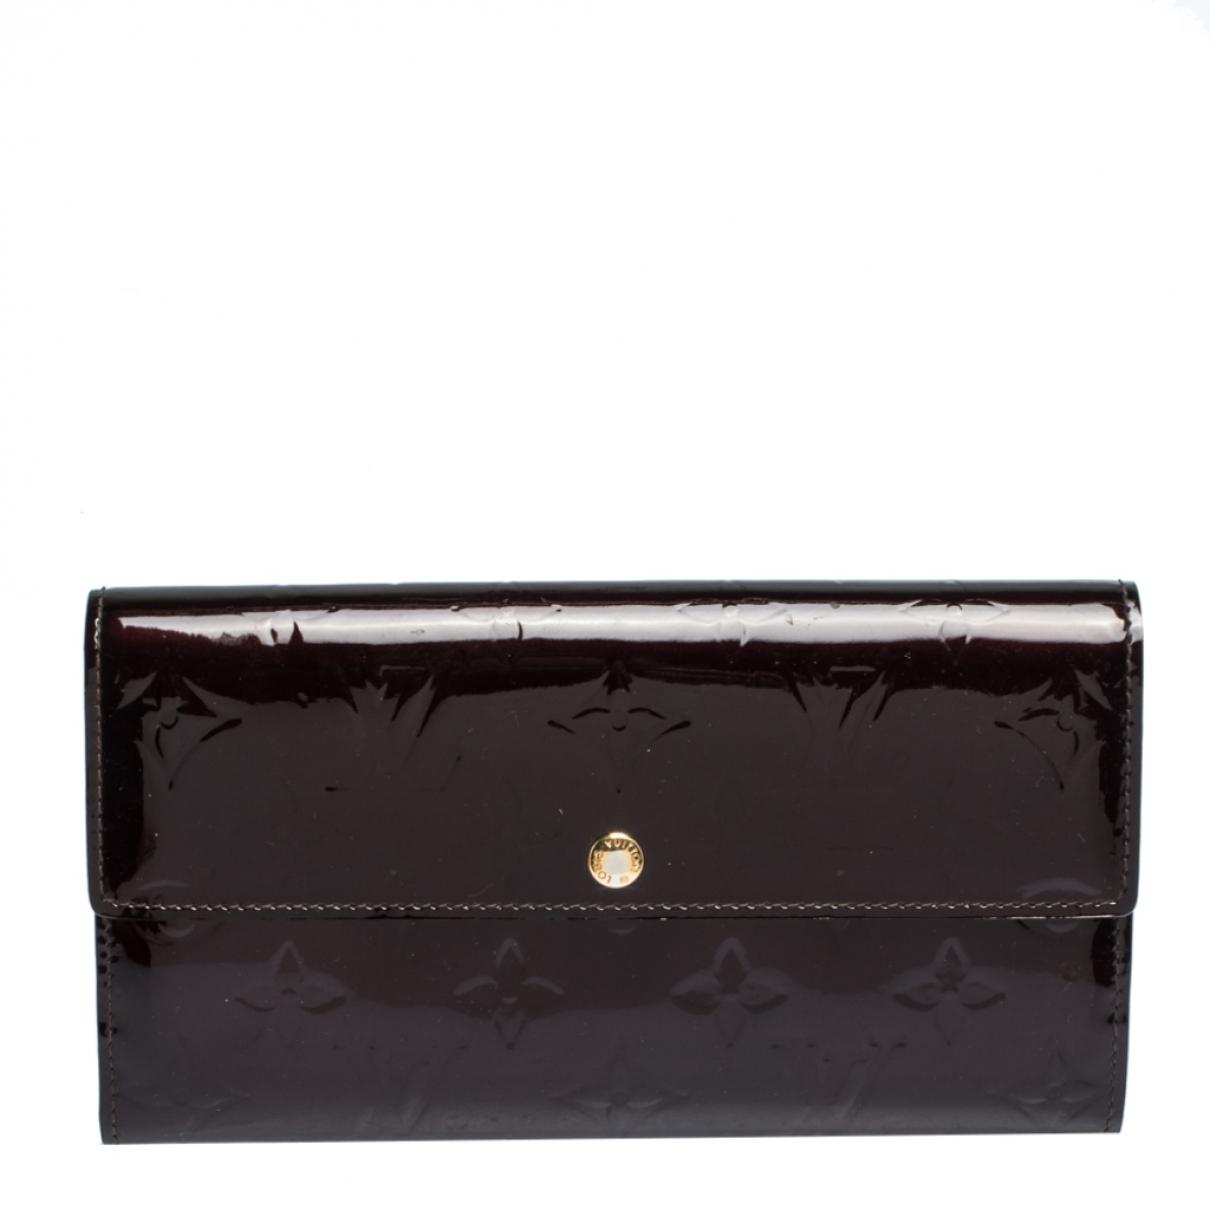 Louis Vuitton Sarah Portemonnaie in Lackleder